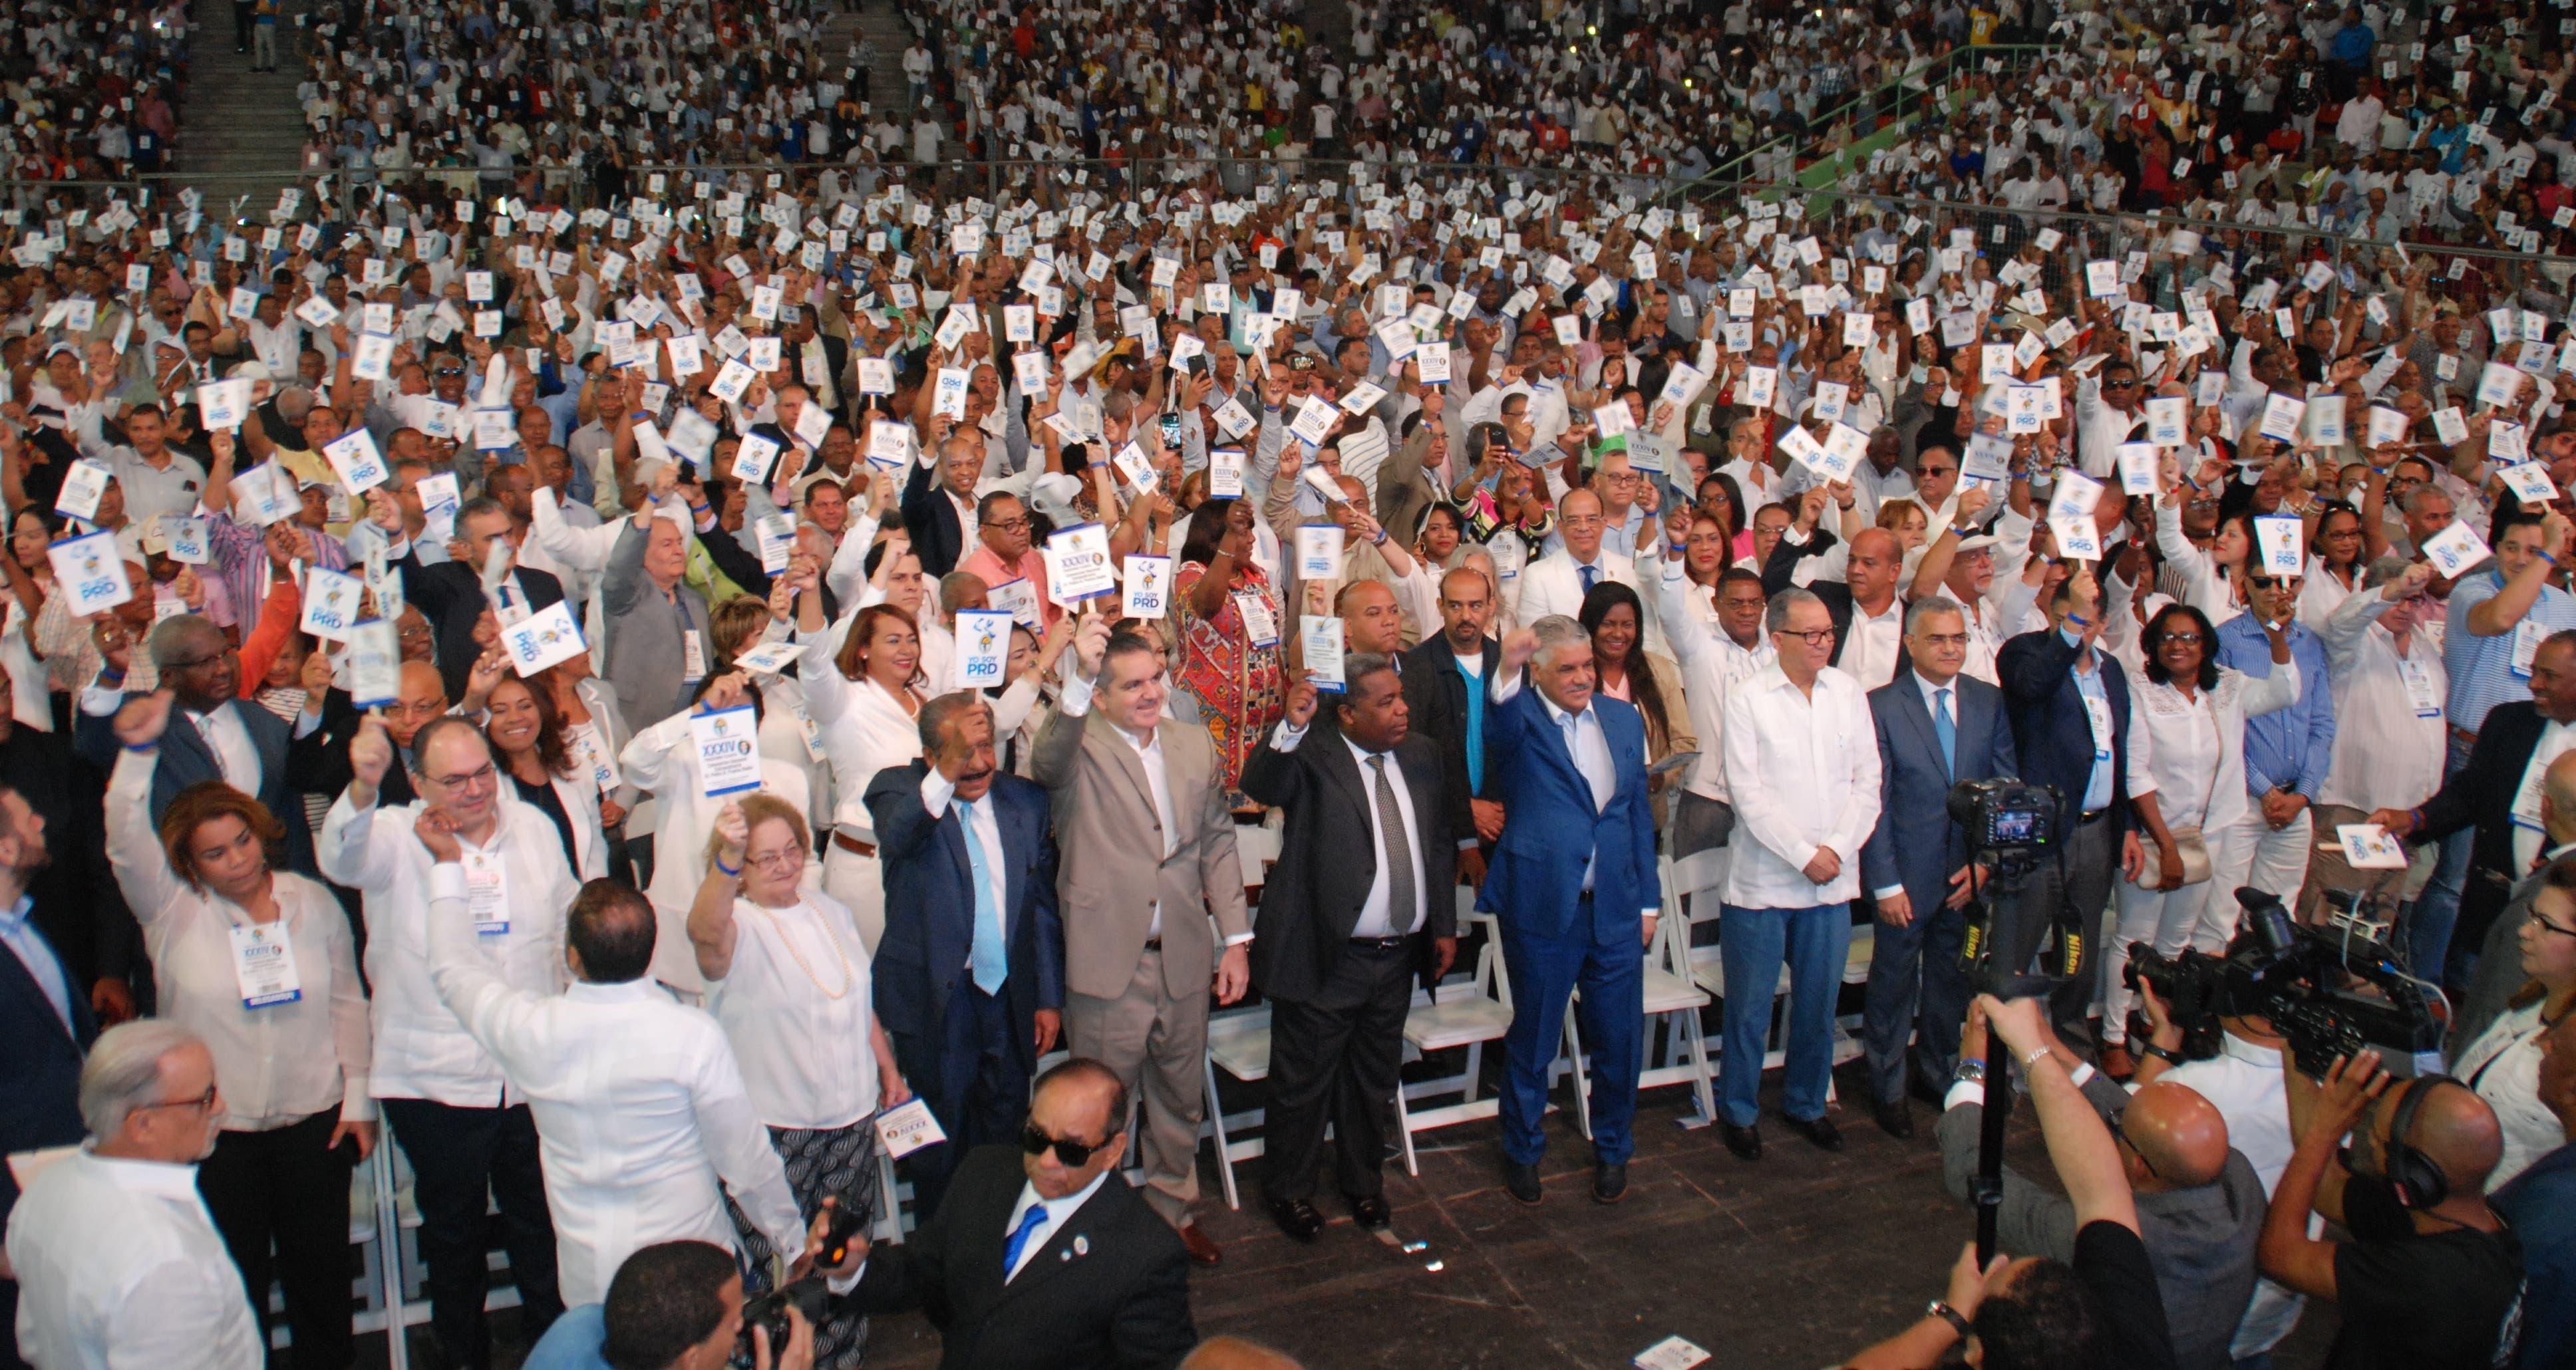 La convención del PRD fue celebrada el 3 diciembre del 2017 .